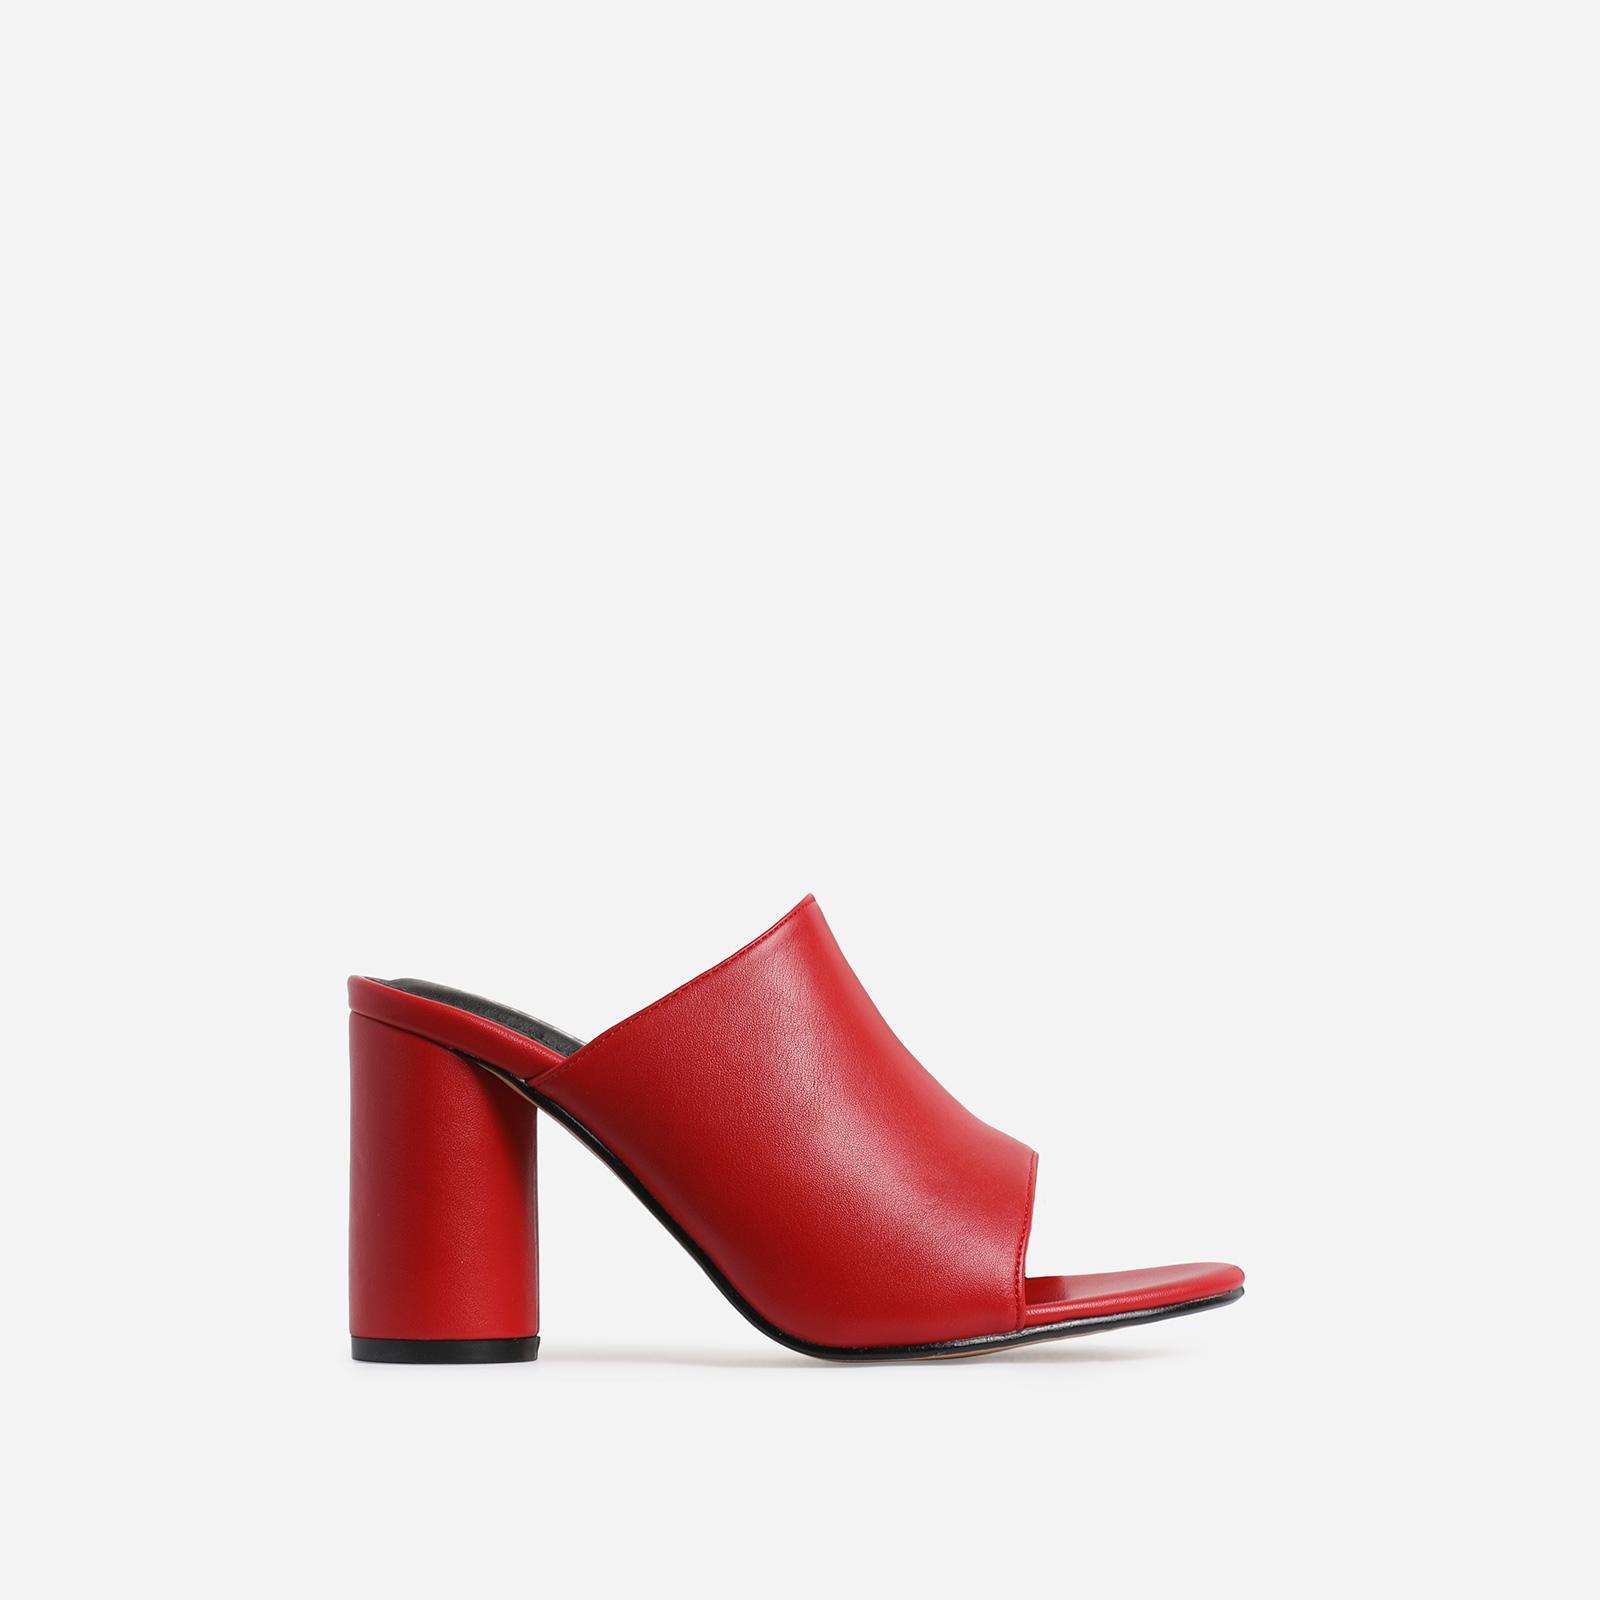 Virgo Peep Toe Block Heel Mule In Red Faux Leather